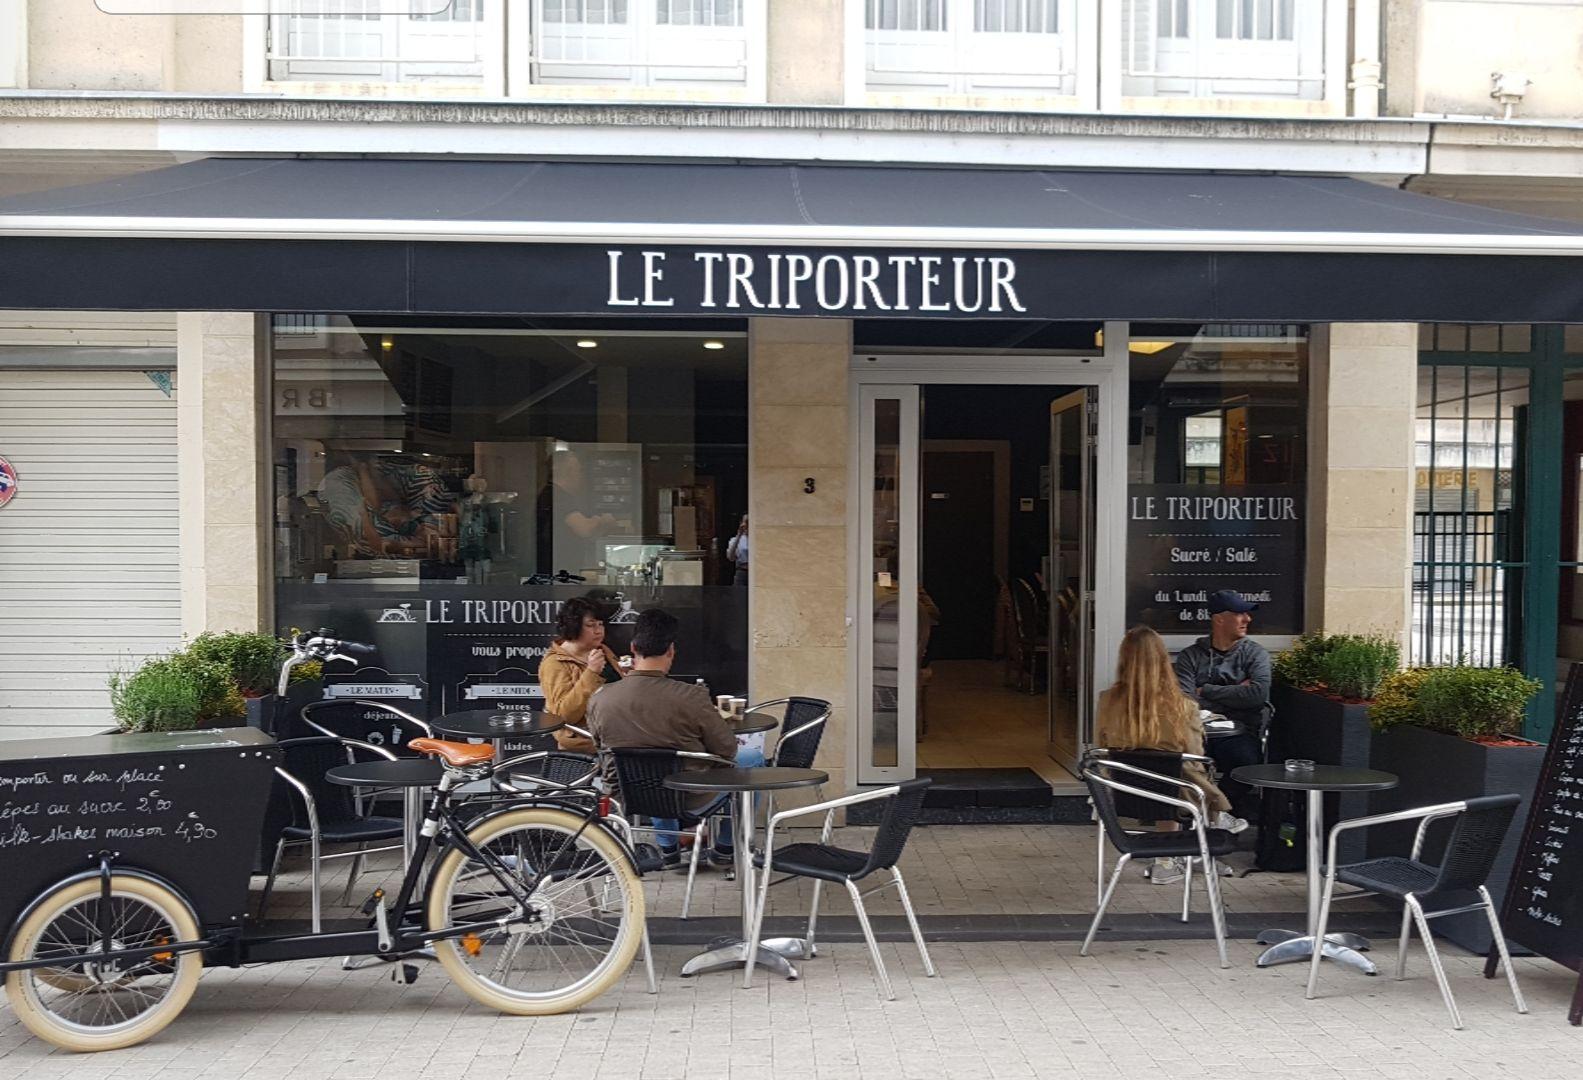 Beauvais-Le-Triporteur-2020-LE-TRIPORTEUR, crédit photo : Le Triporteur